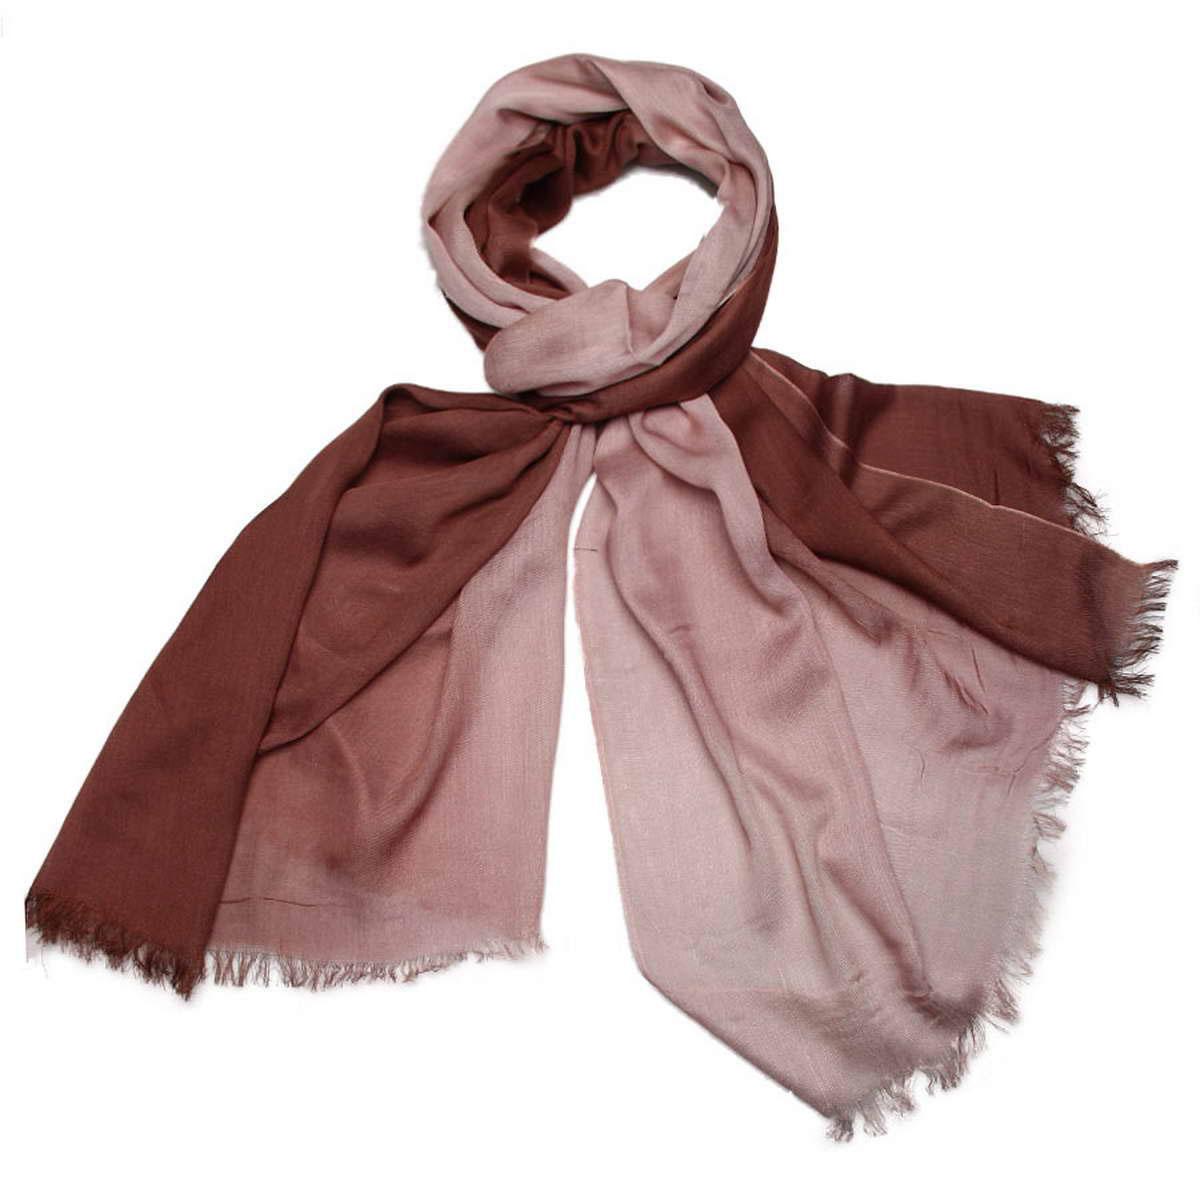 Палантин женский Venera, цвет: коричневый. 3415401-19. Размер 70 см х 180 см3415401-19Элегантный женский палантин Venera изготовлен из вискозы и шелка. Палантин имеет отличное качество и приятную текстуру материала, он подарит настоящий комфорт при носке, а большие размеры позволят согреться в прохладную погоду.Изделие оформлено двухцветной гаммой и небольшой бахромой по краям.Этот модный аксессуар женского гардероба гармонично дополнит образ современной женщины, следящей за своим имиджем и стремящейся всегда оставаться стильной и утонченной. В этом палантине вы всегда будете выглядеть женственной и привлекательной.